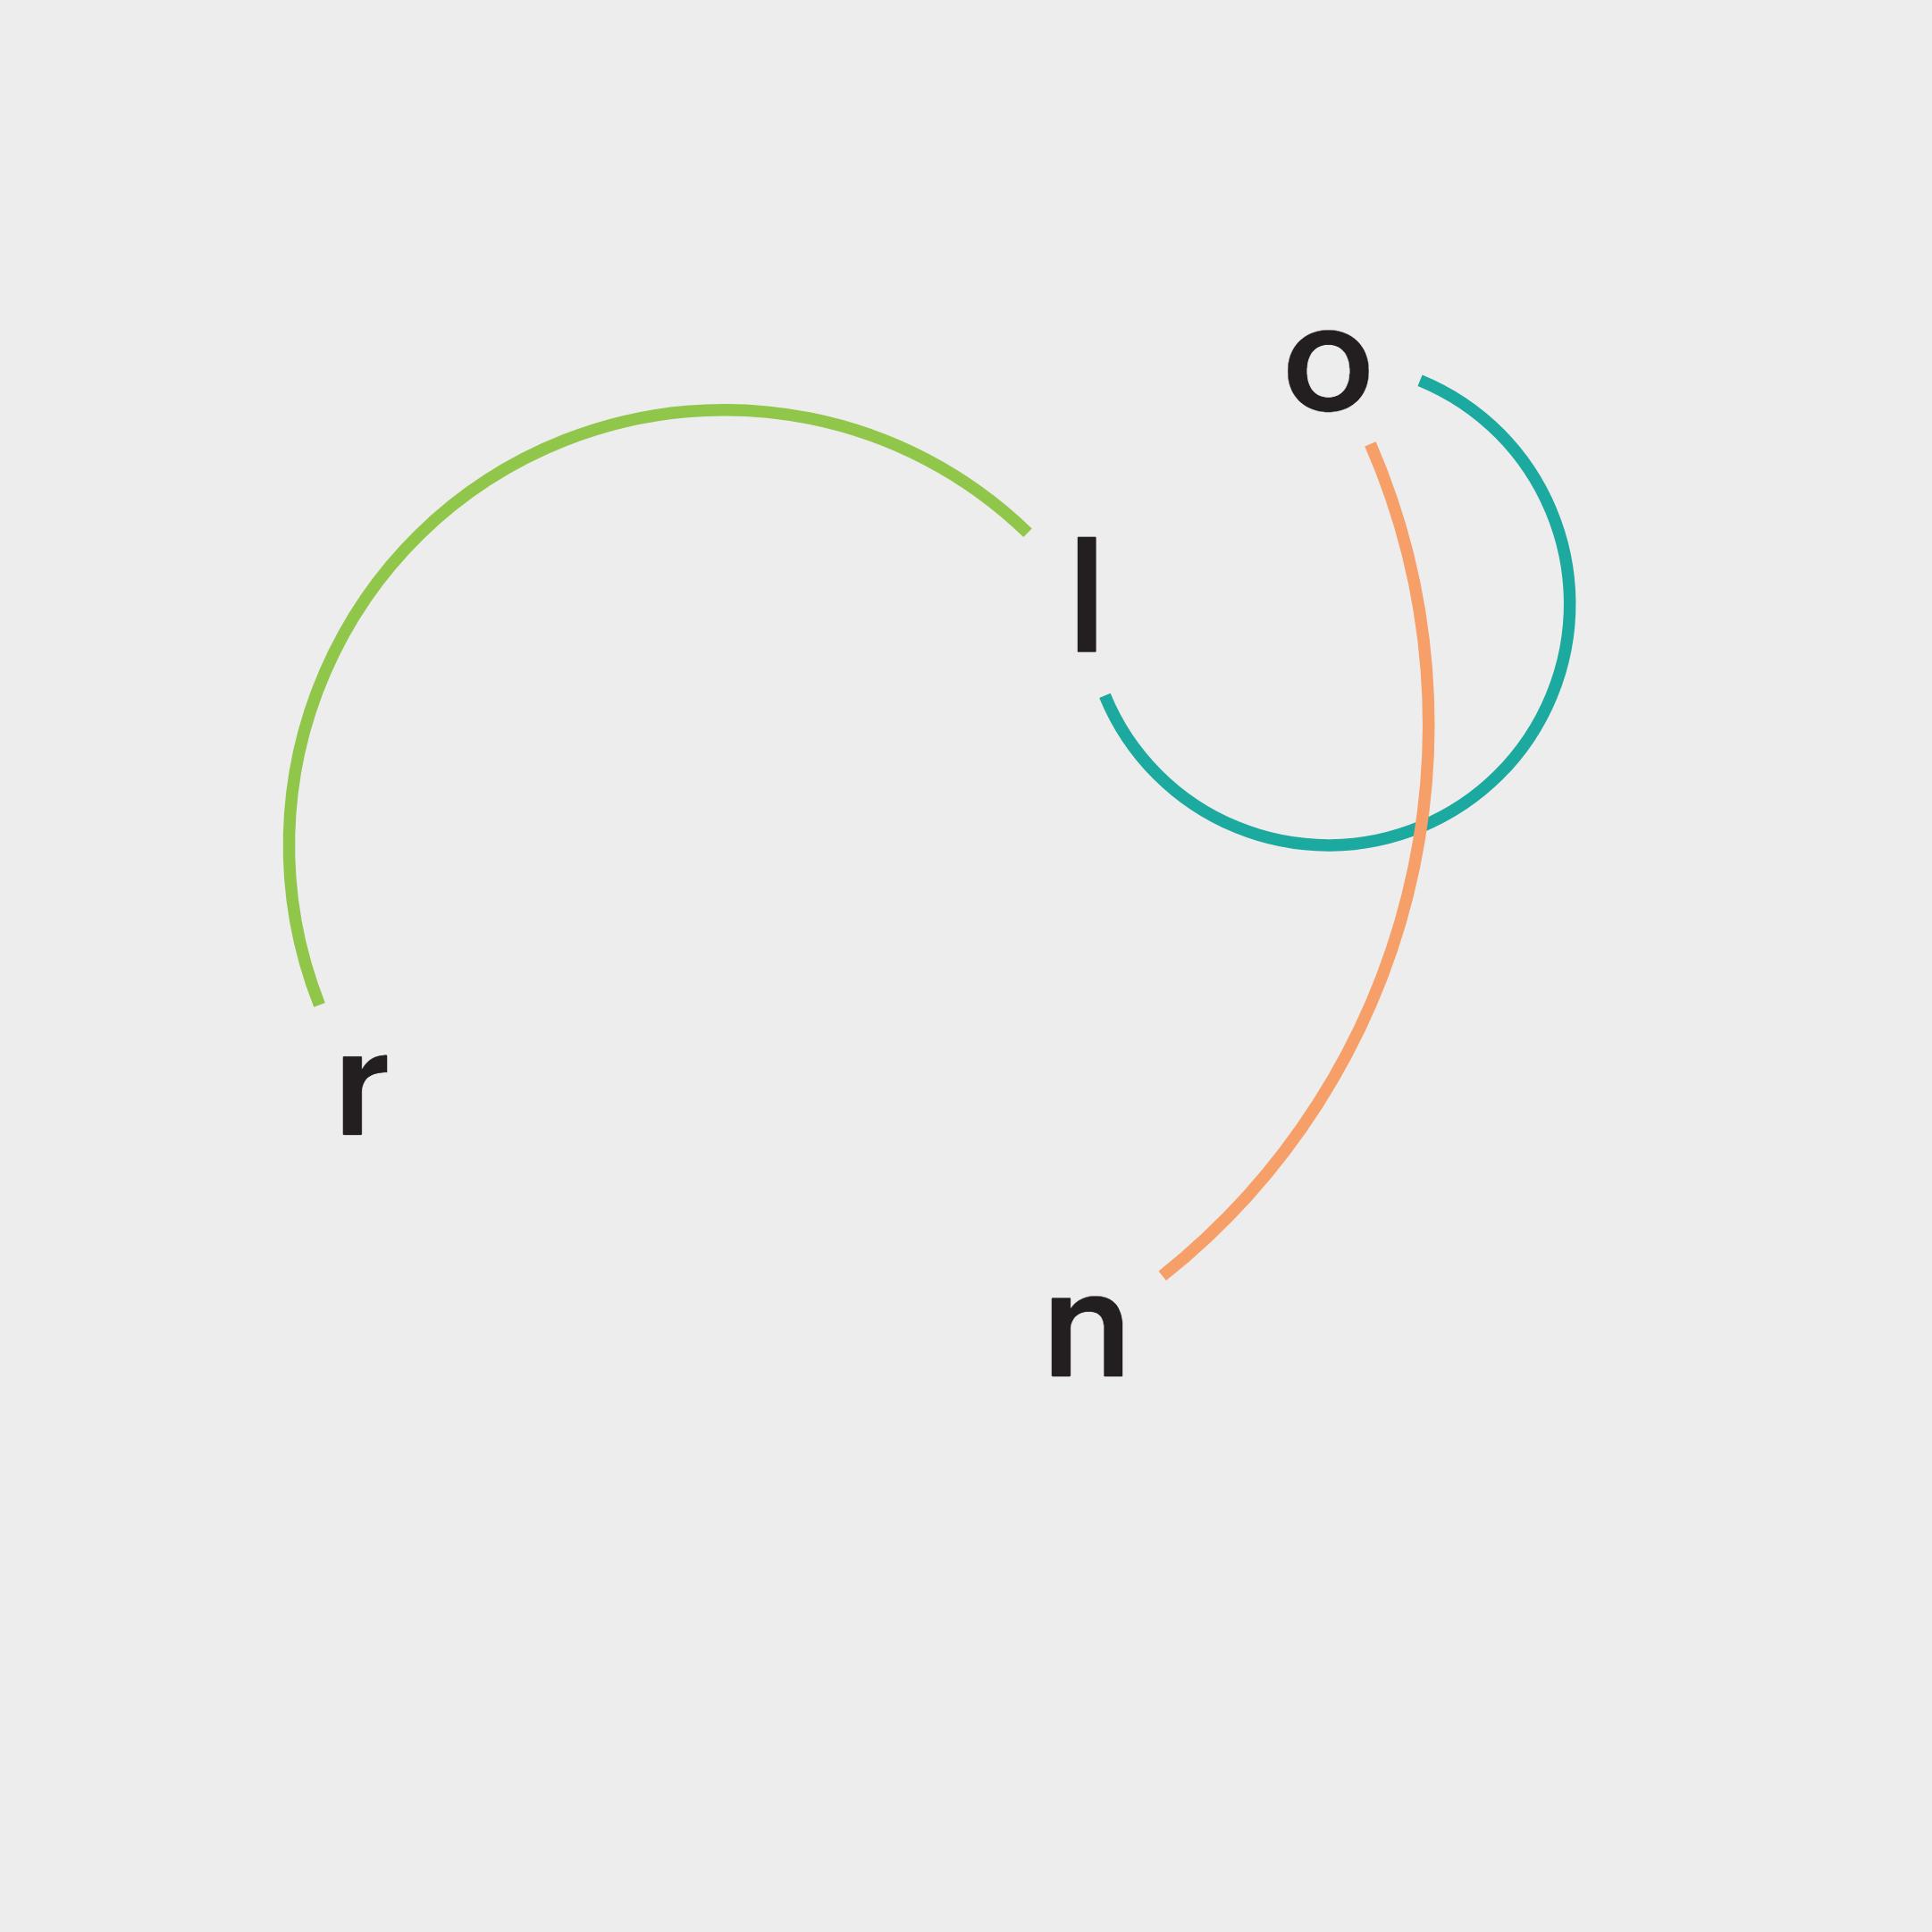 rlon_logo_124006.png